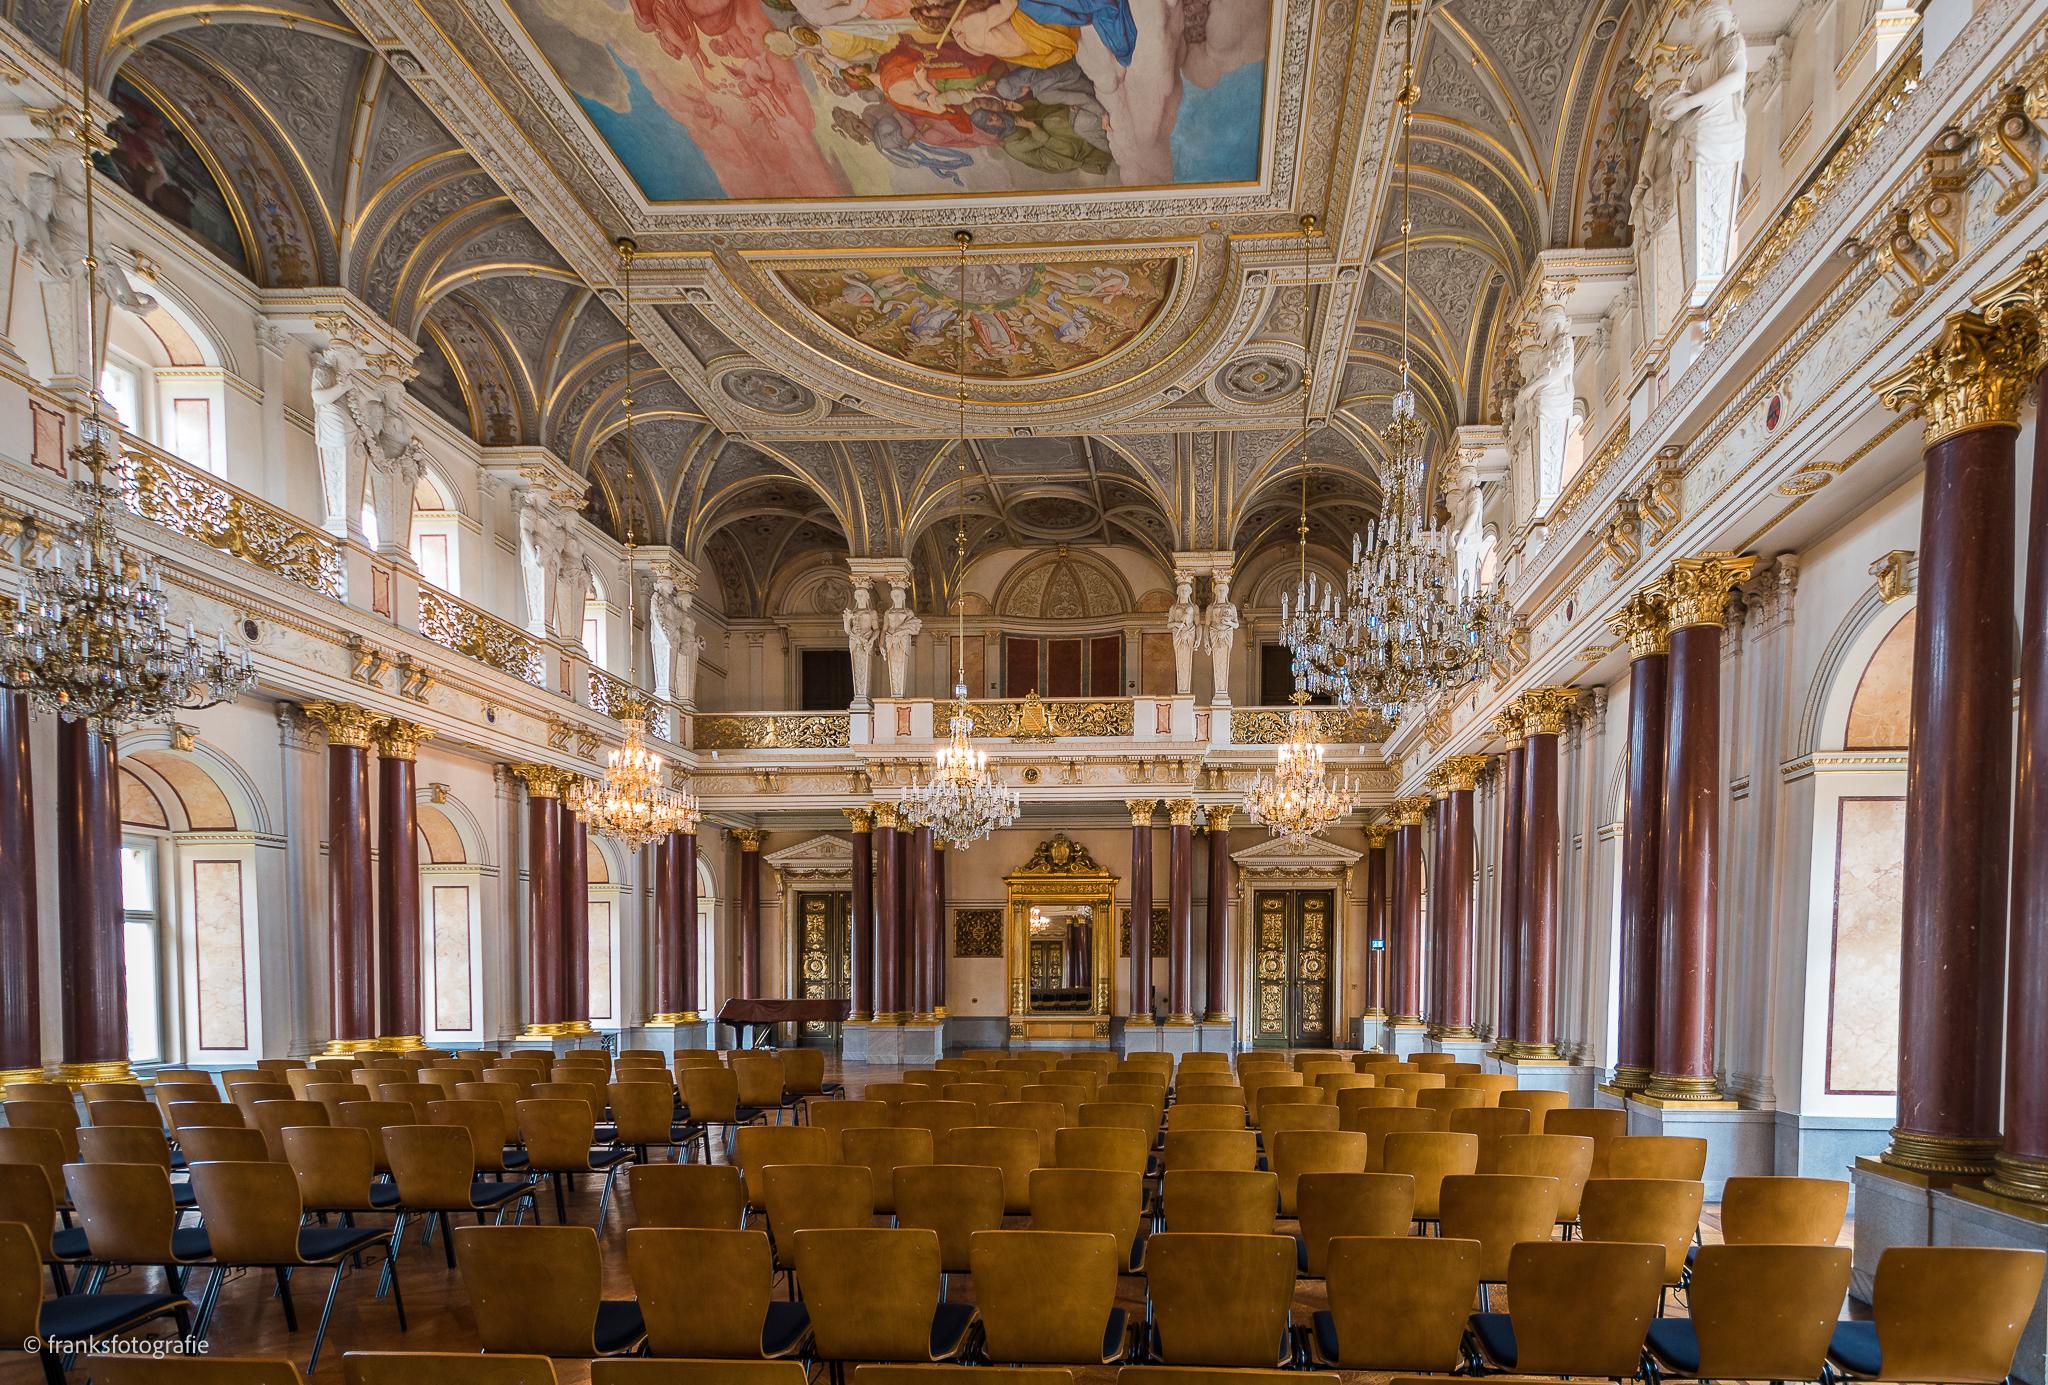 Schloss altenburg erkunden das th ringische residenzschloss in bildern - Mobel und mehr iserlohn ...